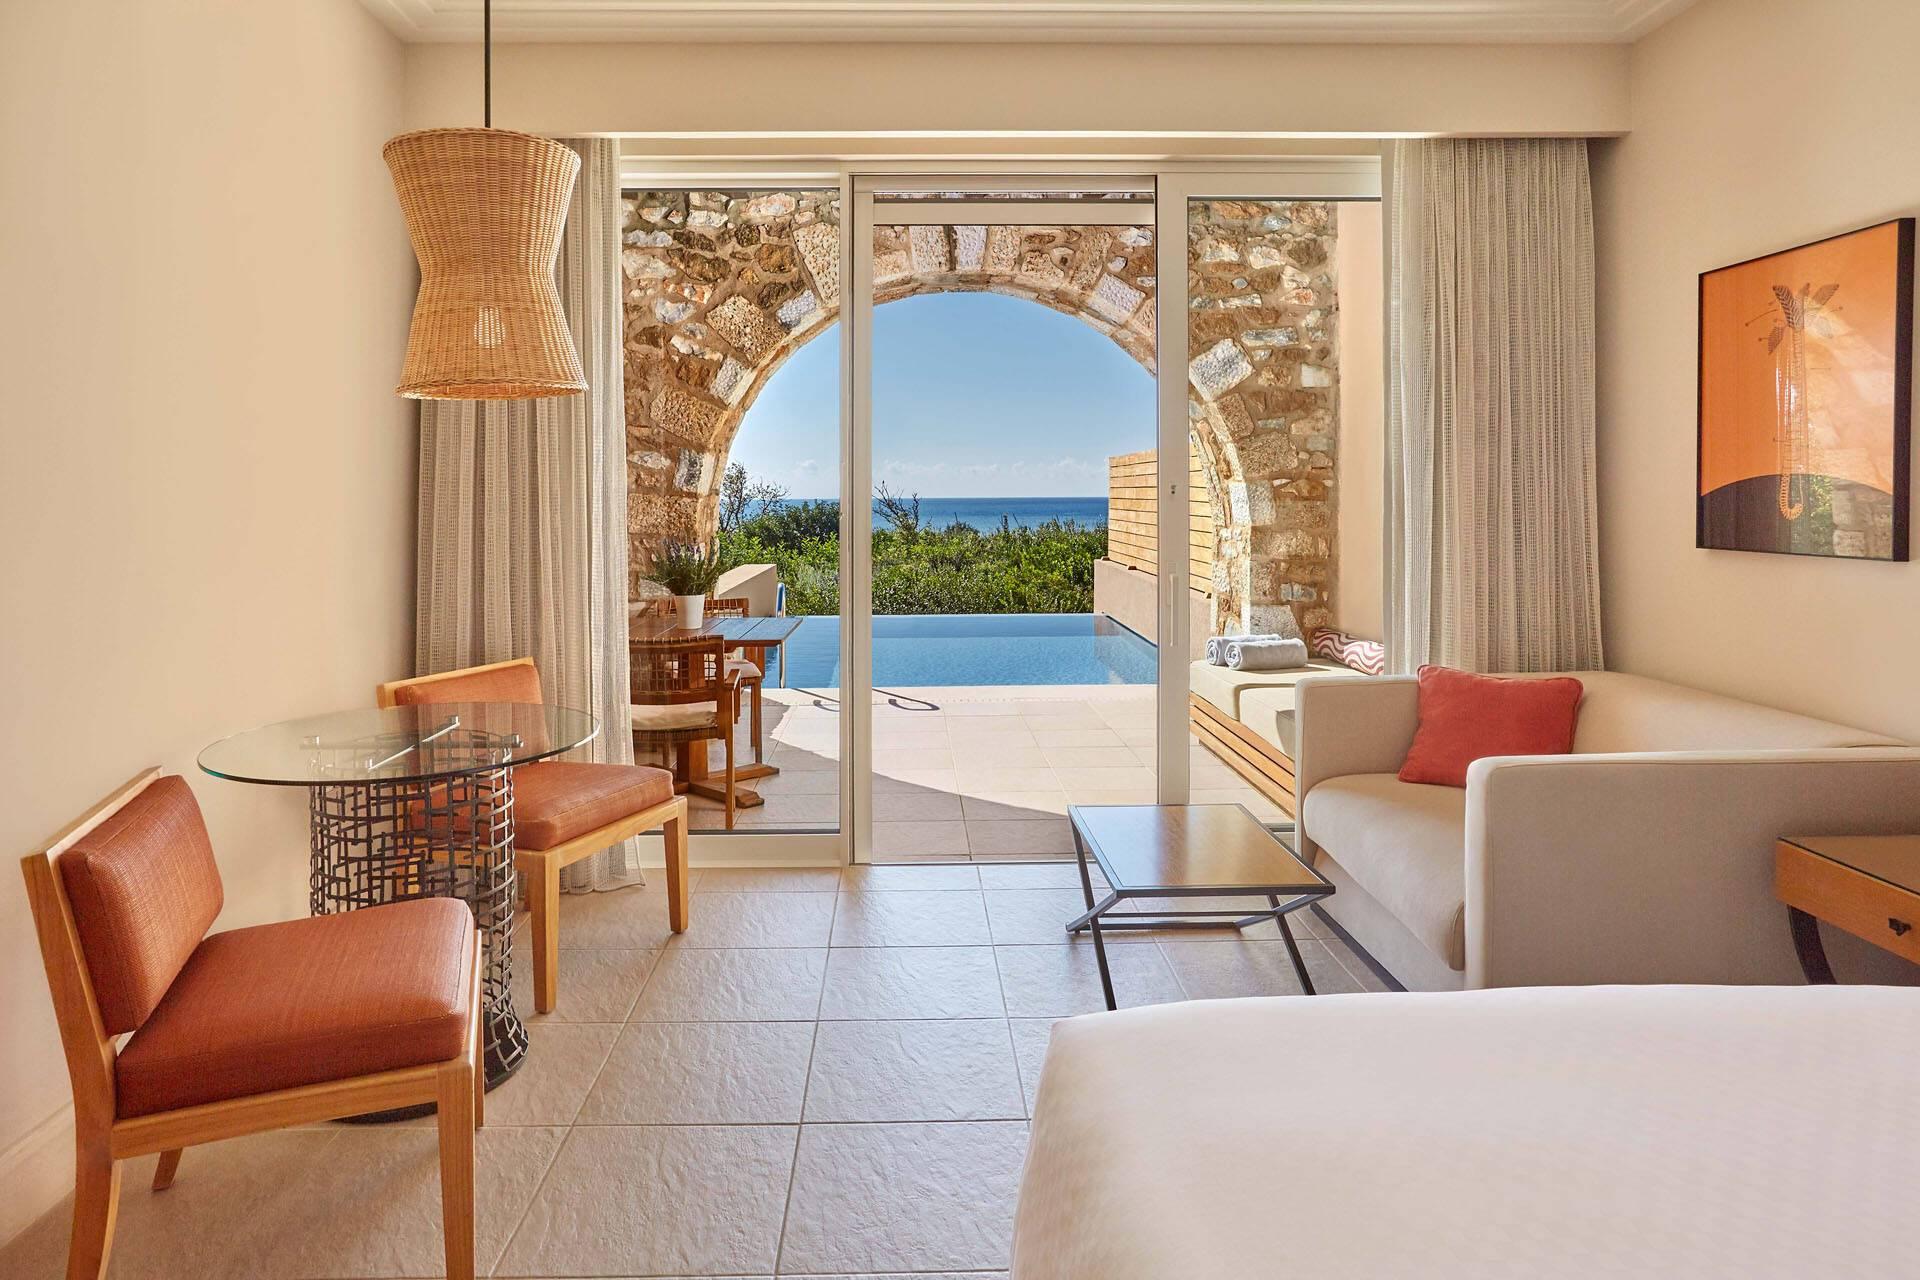 Costa Navarino Peloponnese PremiumInfinityRoom